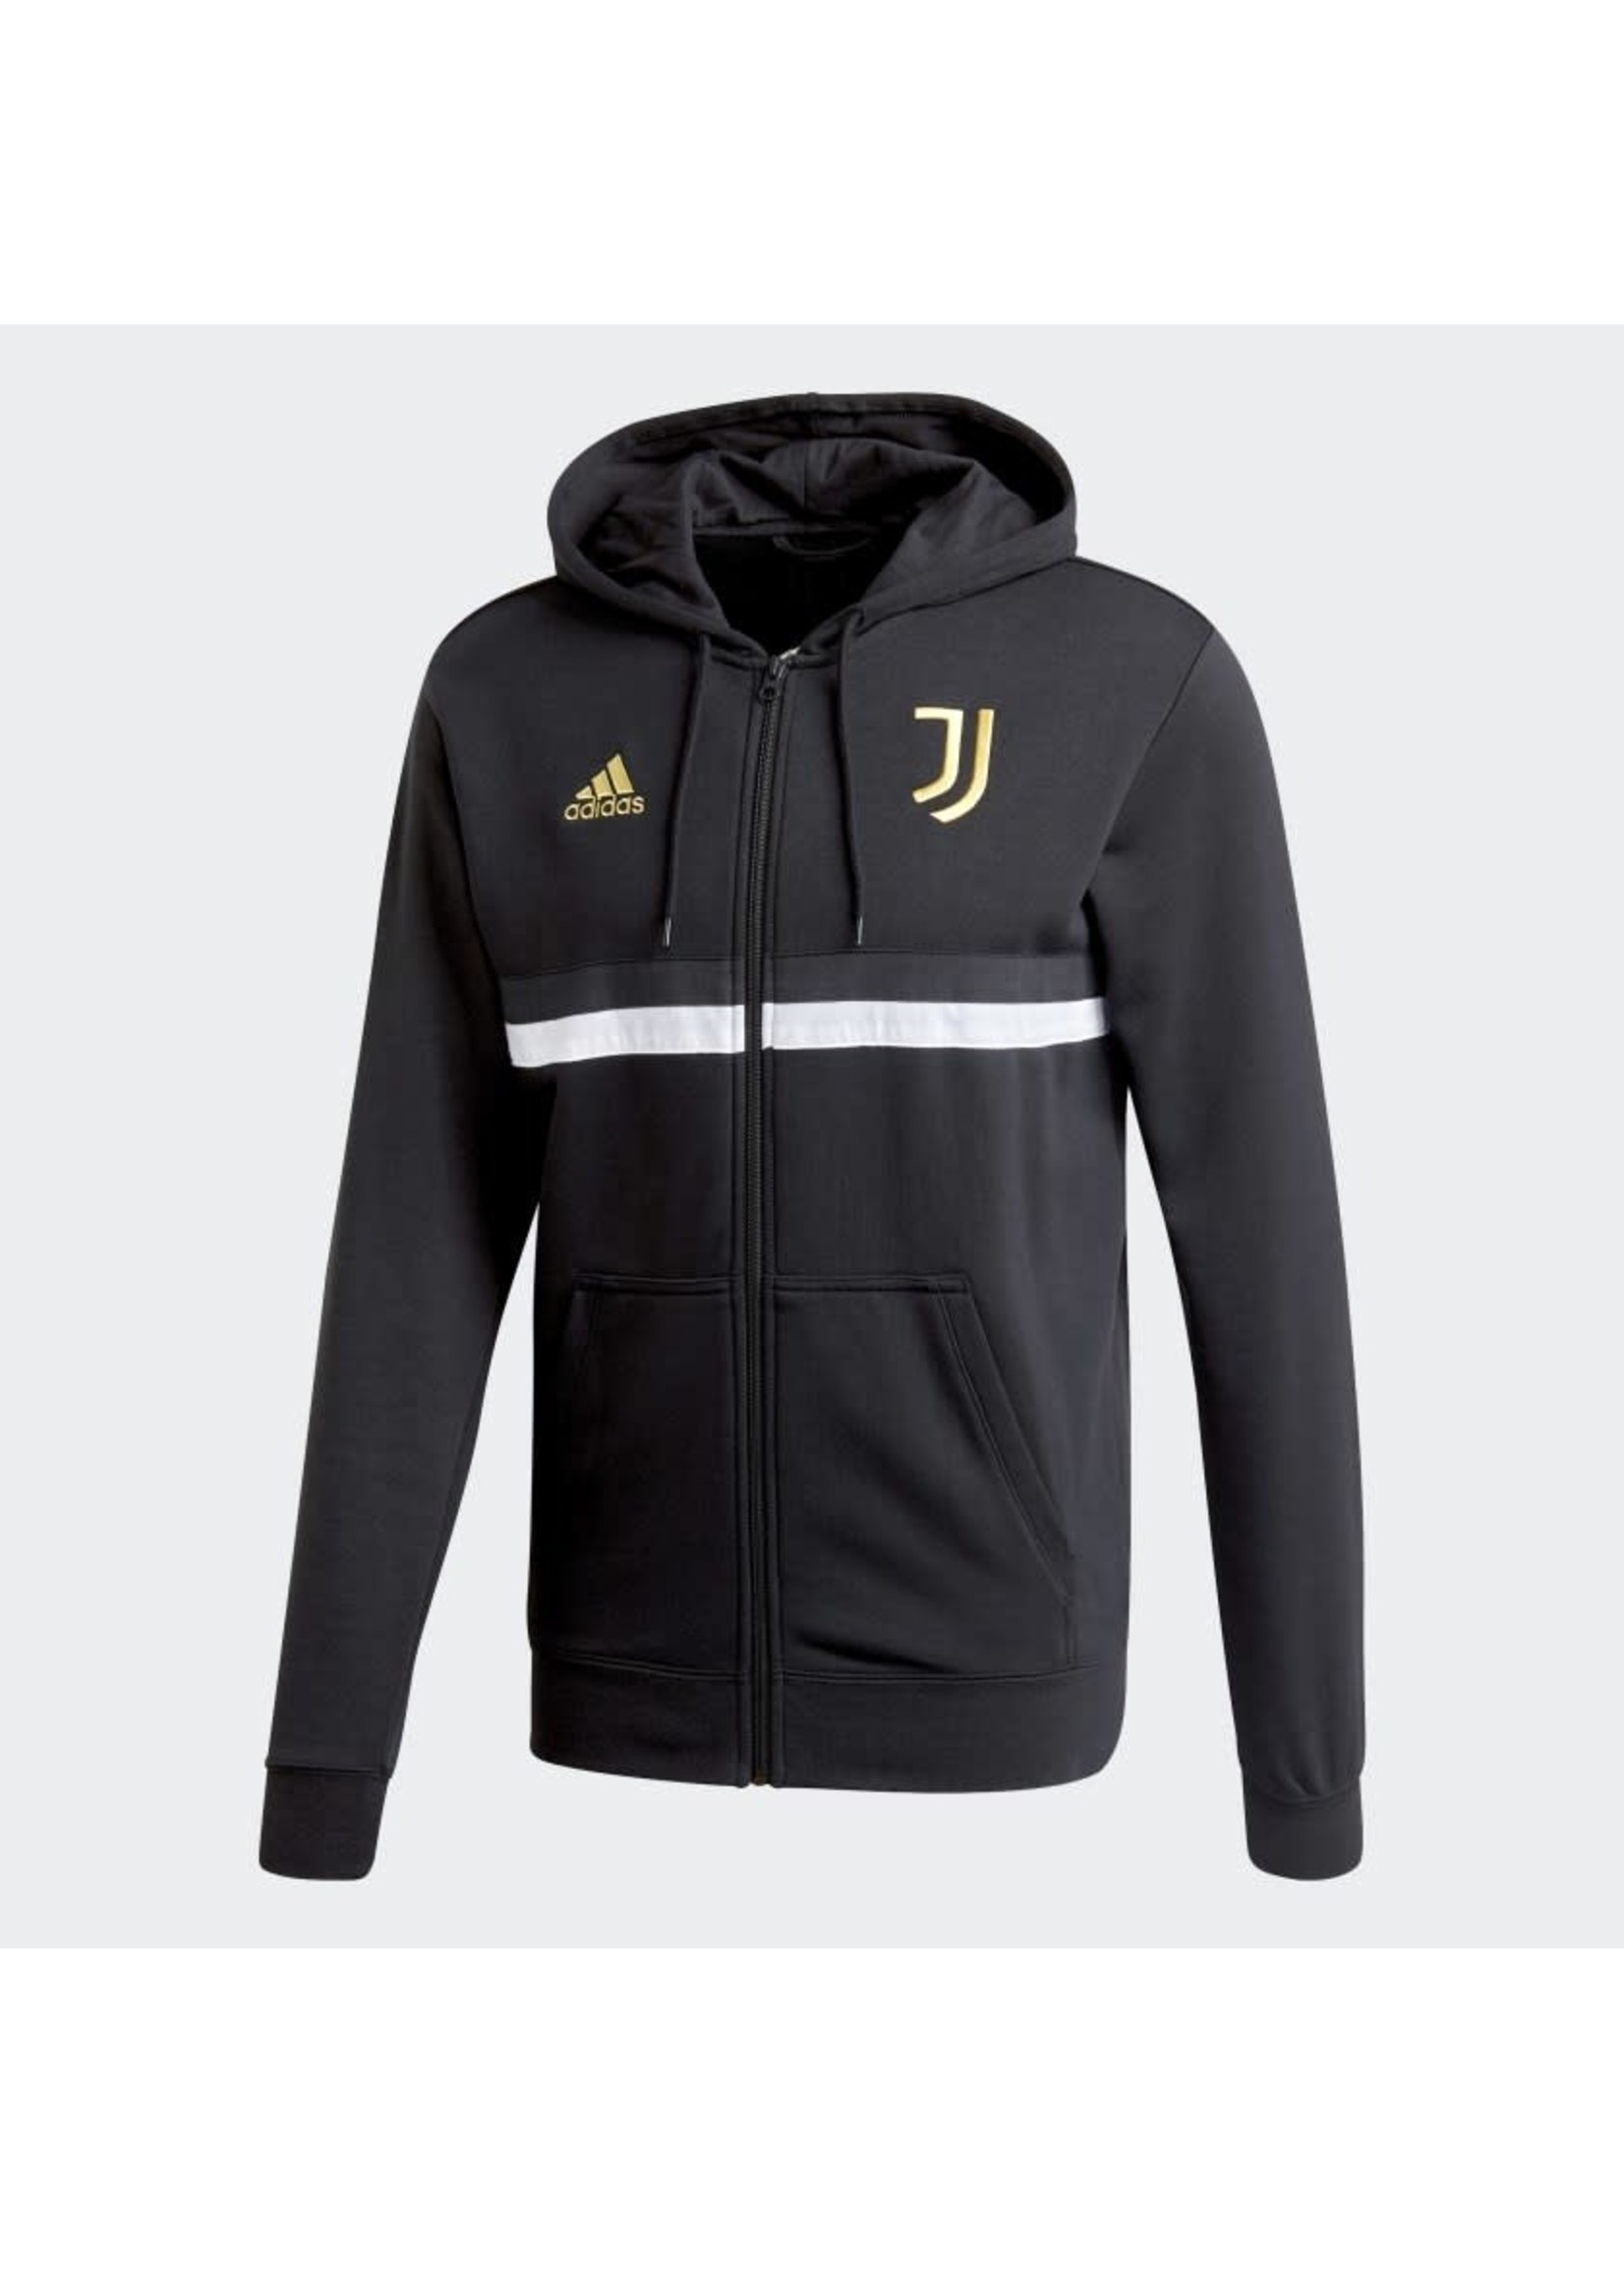 Adidas Juventus Full Zip Hoodie - Black/Gold